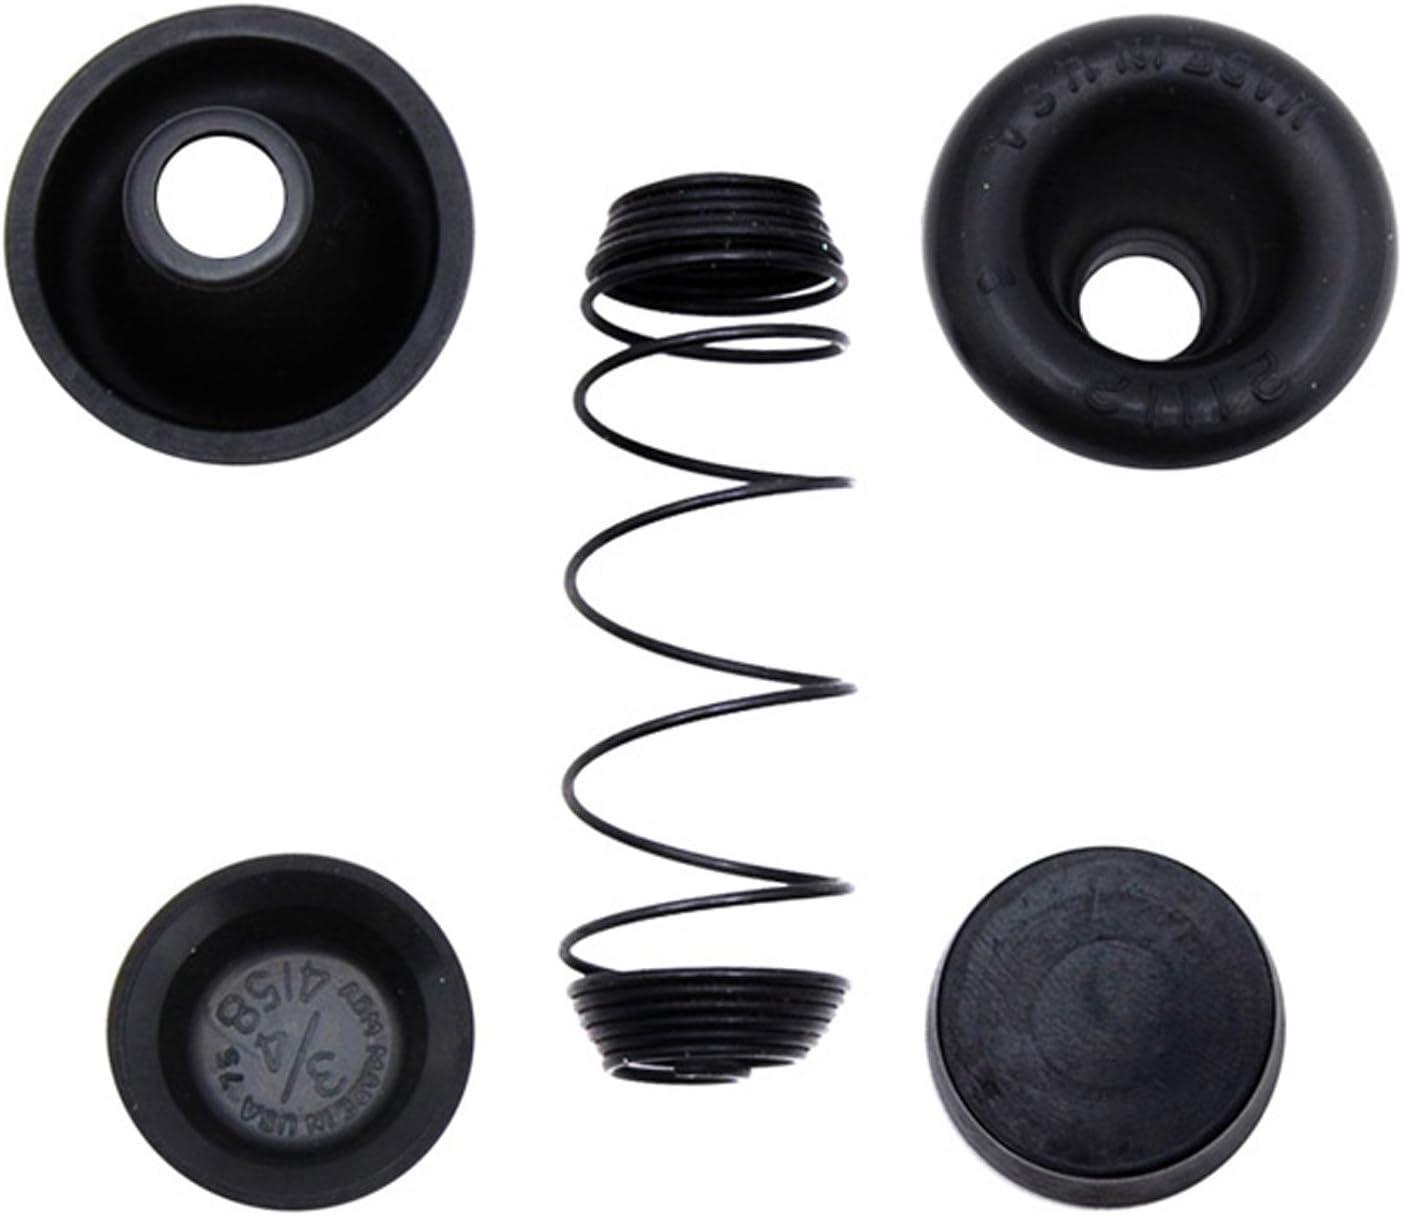 ACDelco 18G11 Rear Wheel Brake Cylinder Kit